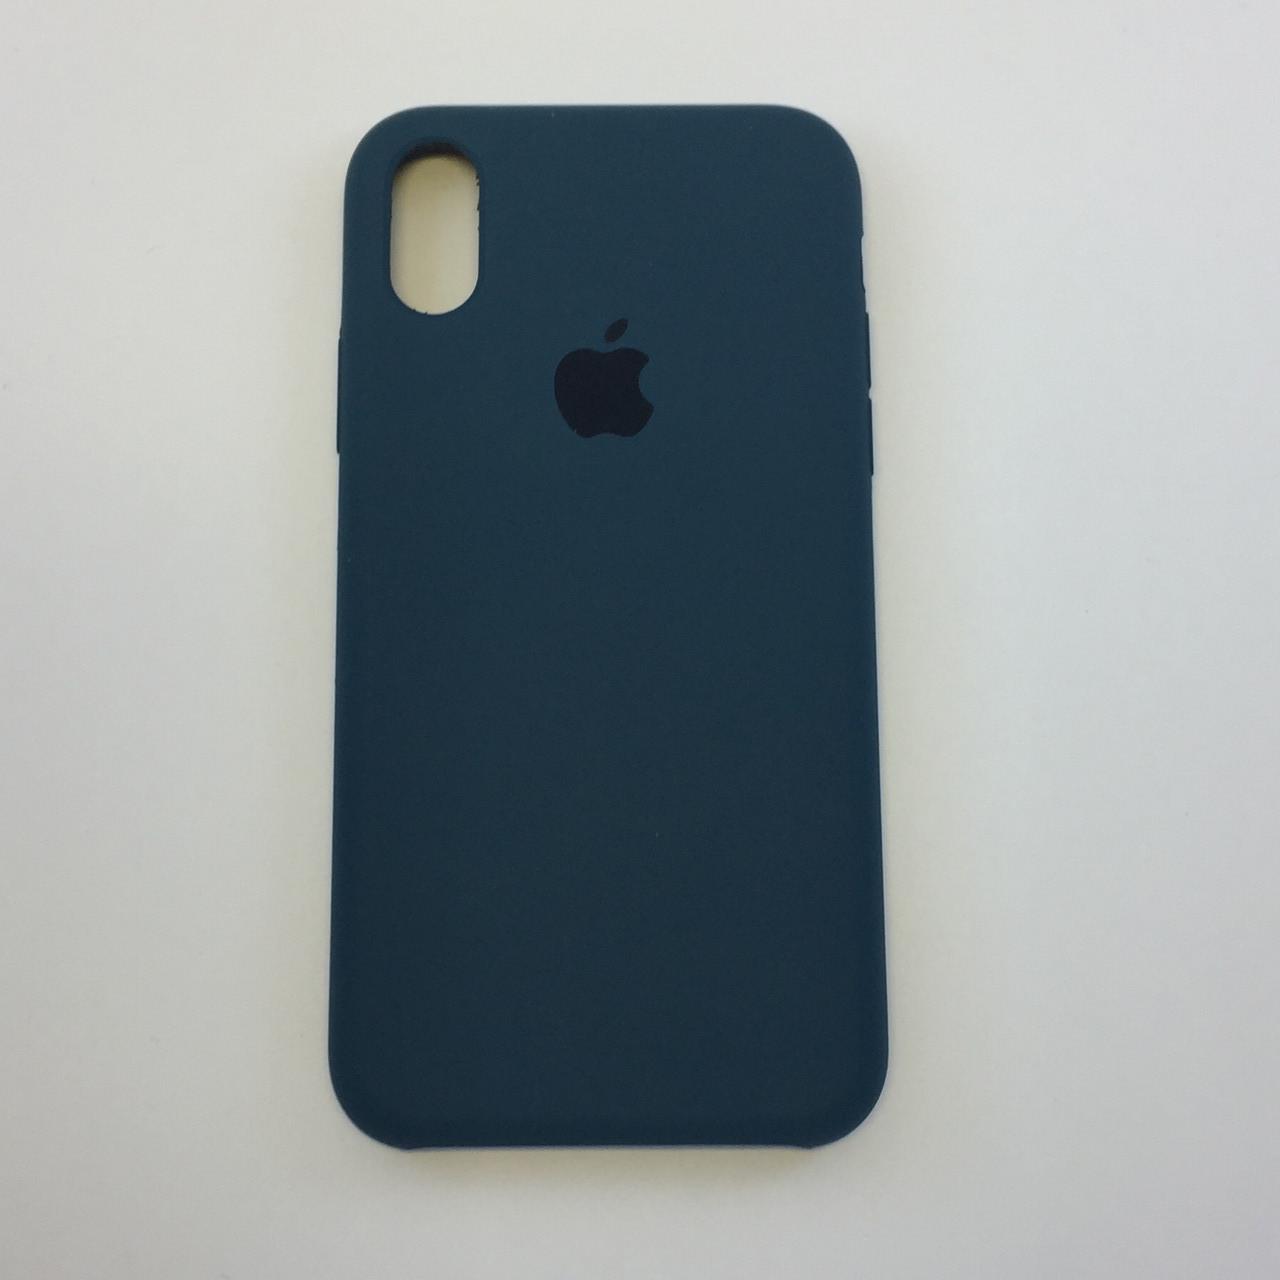 Силиконовый чехол для iPhone Xs Max, - «мистический» - copy original